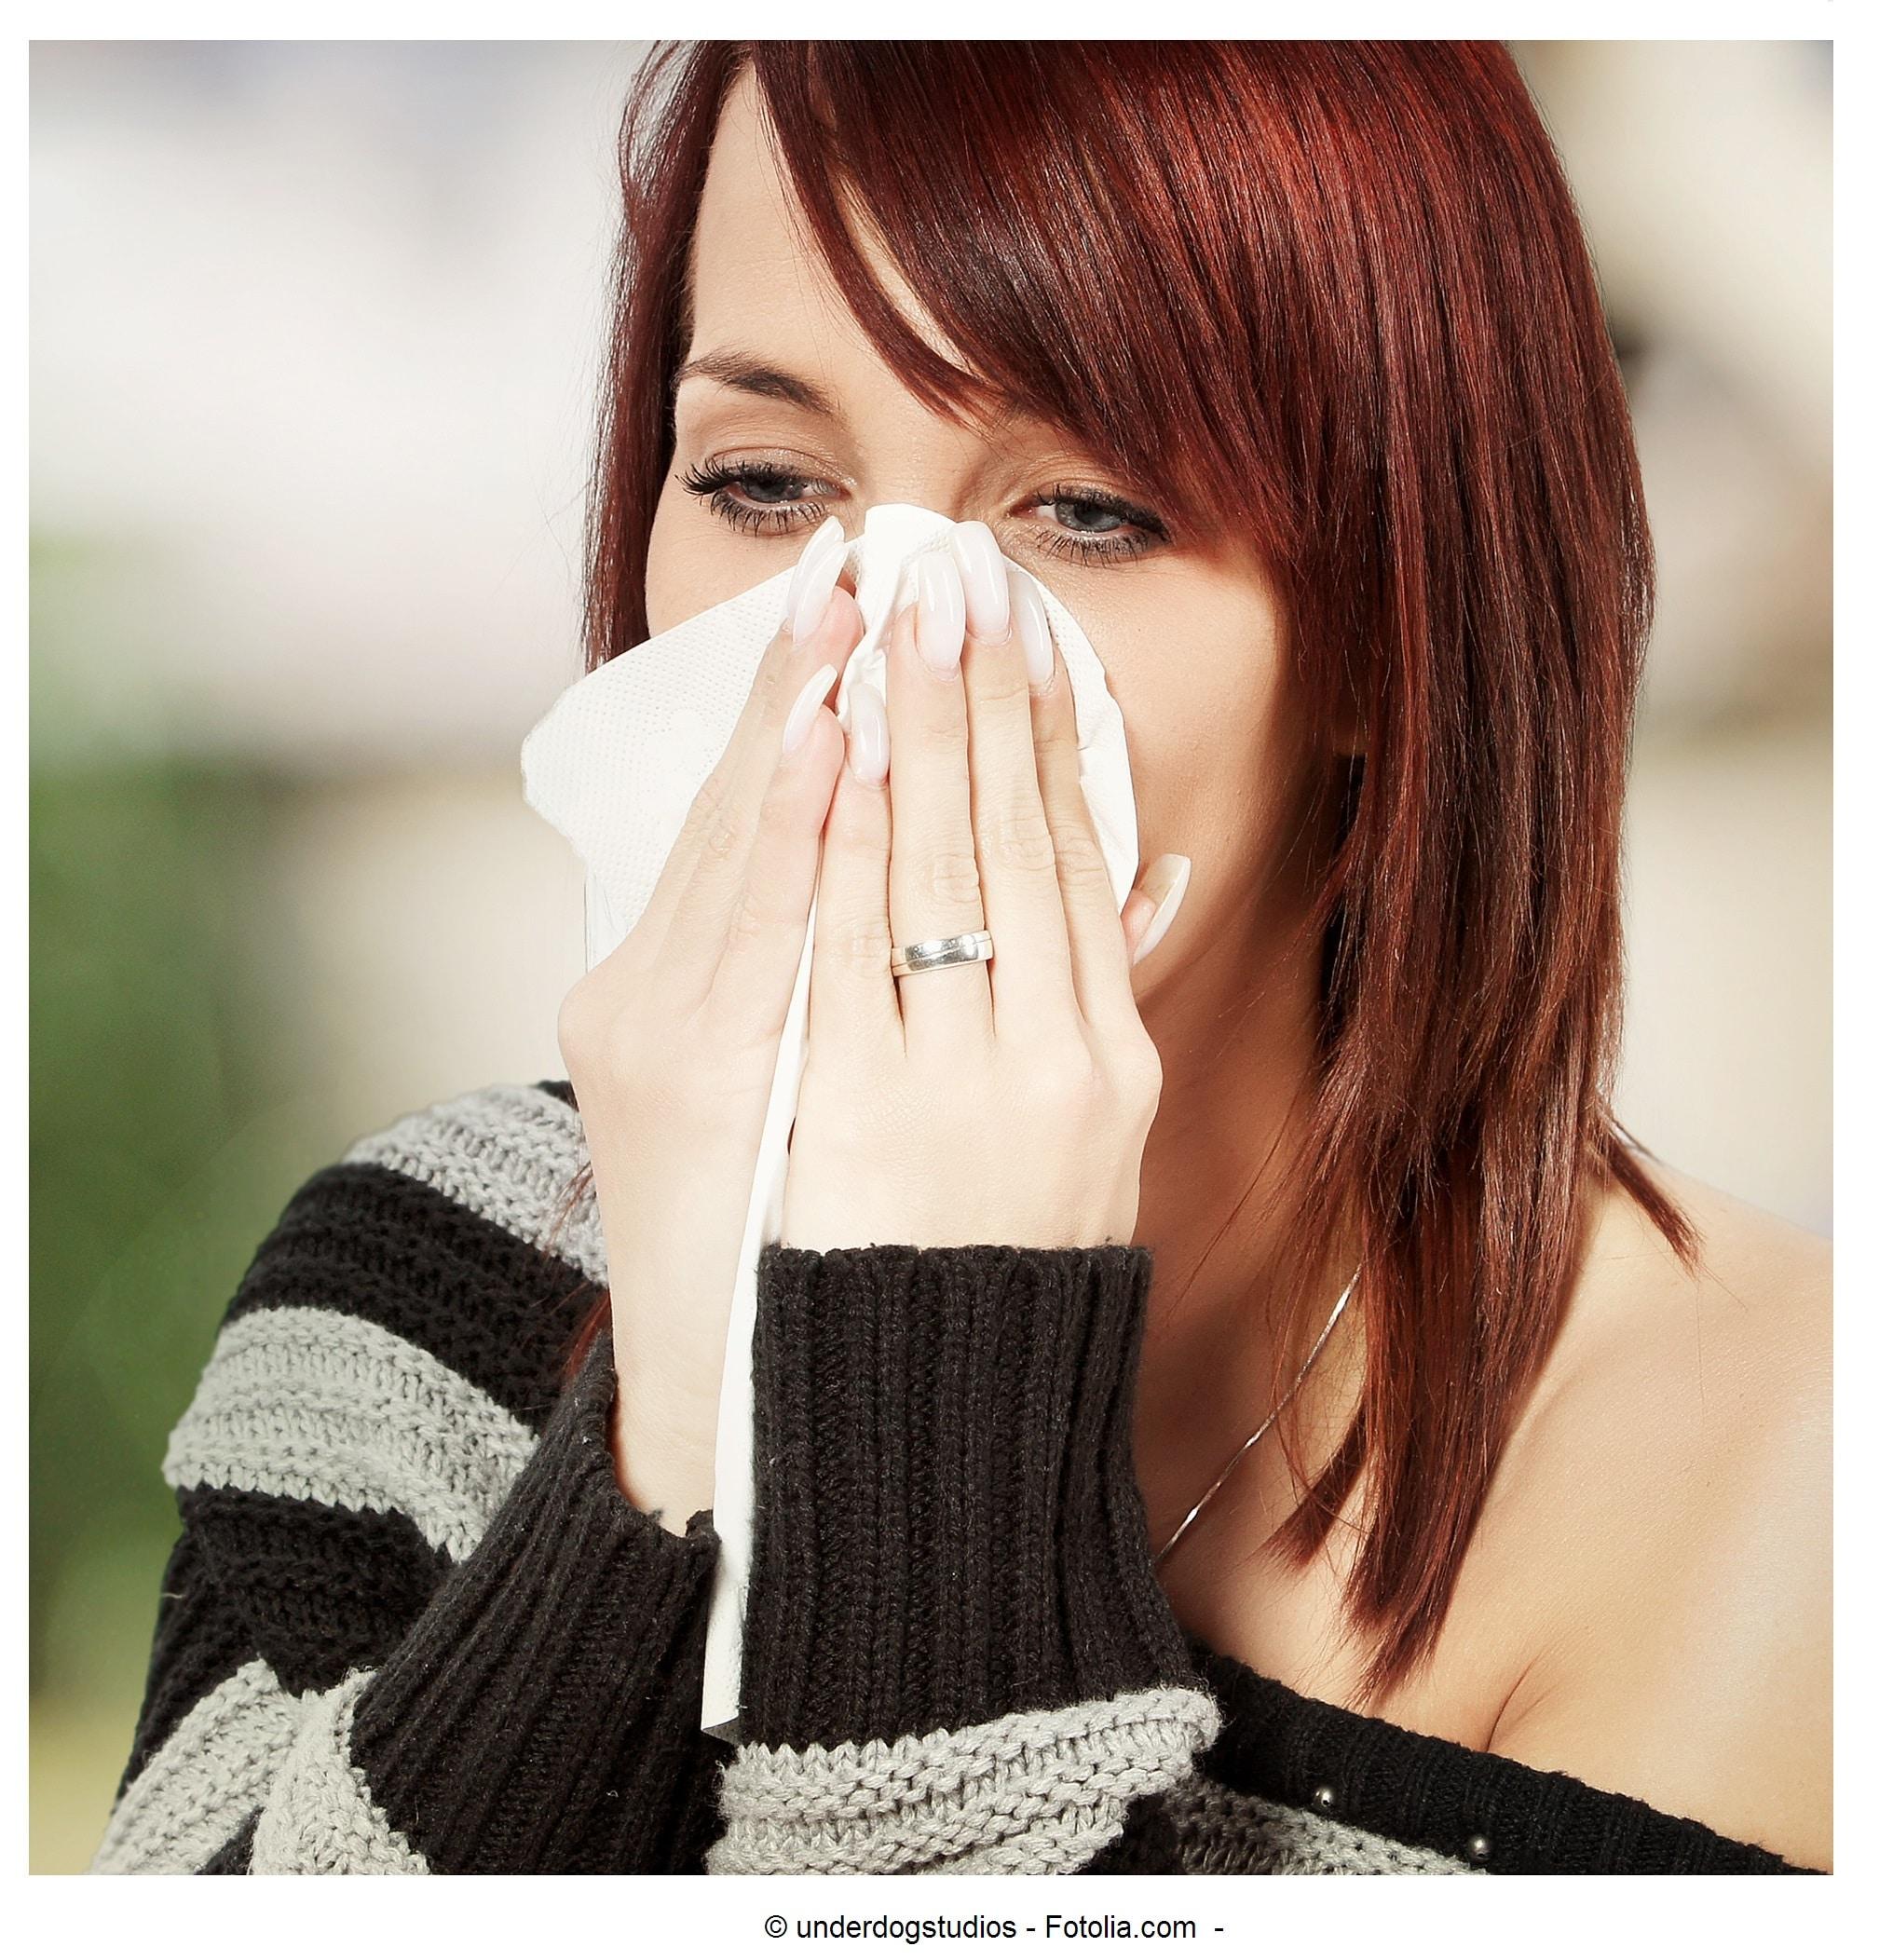 Die Gefahren einer Lungenentzündung nicht unterschätzen